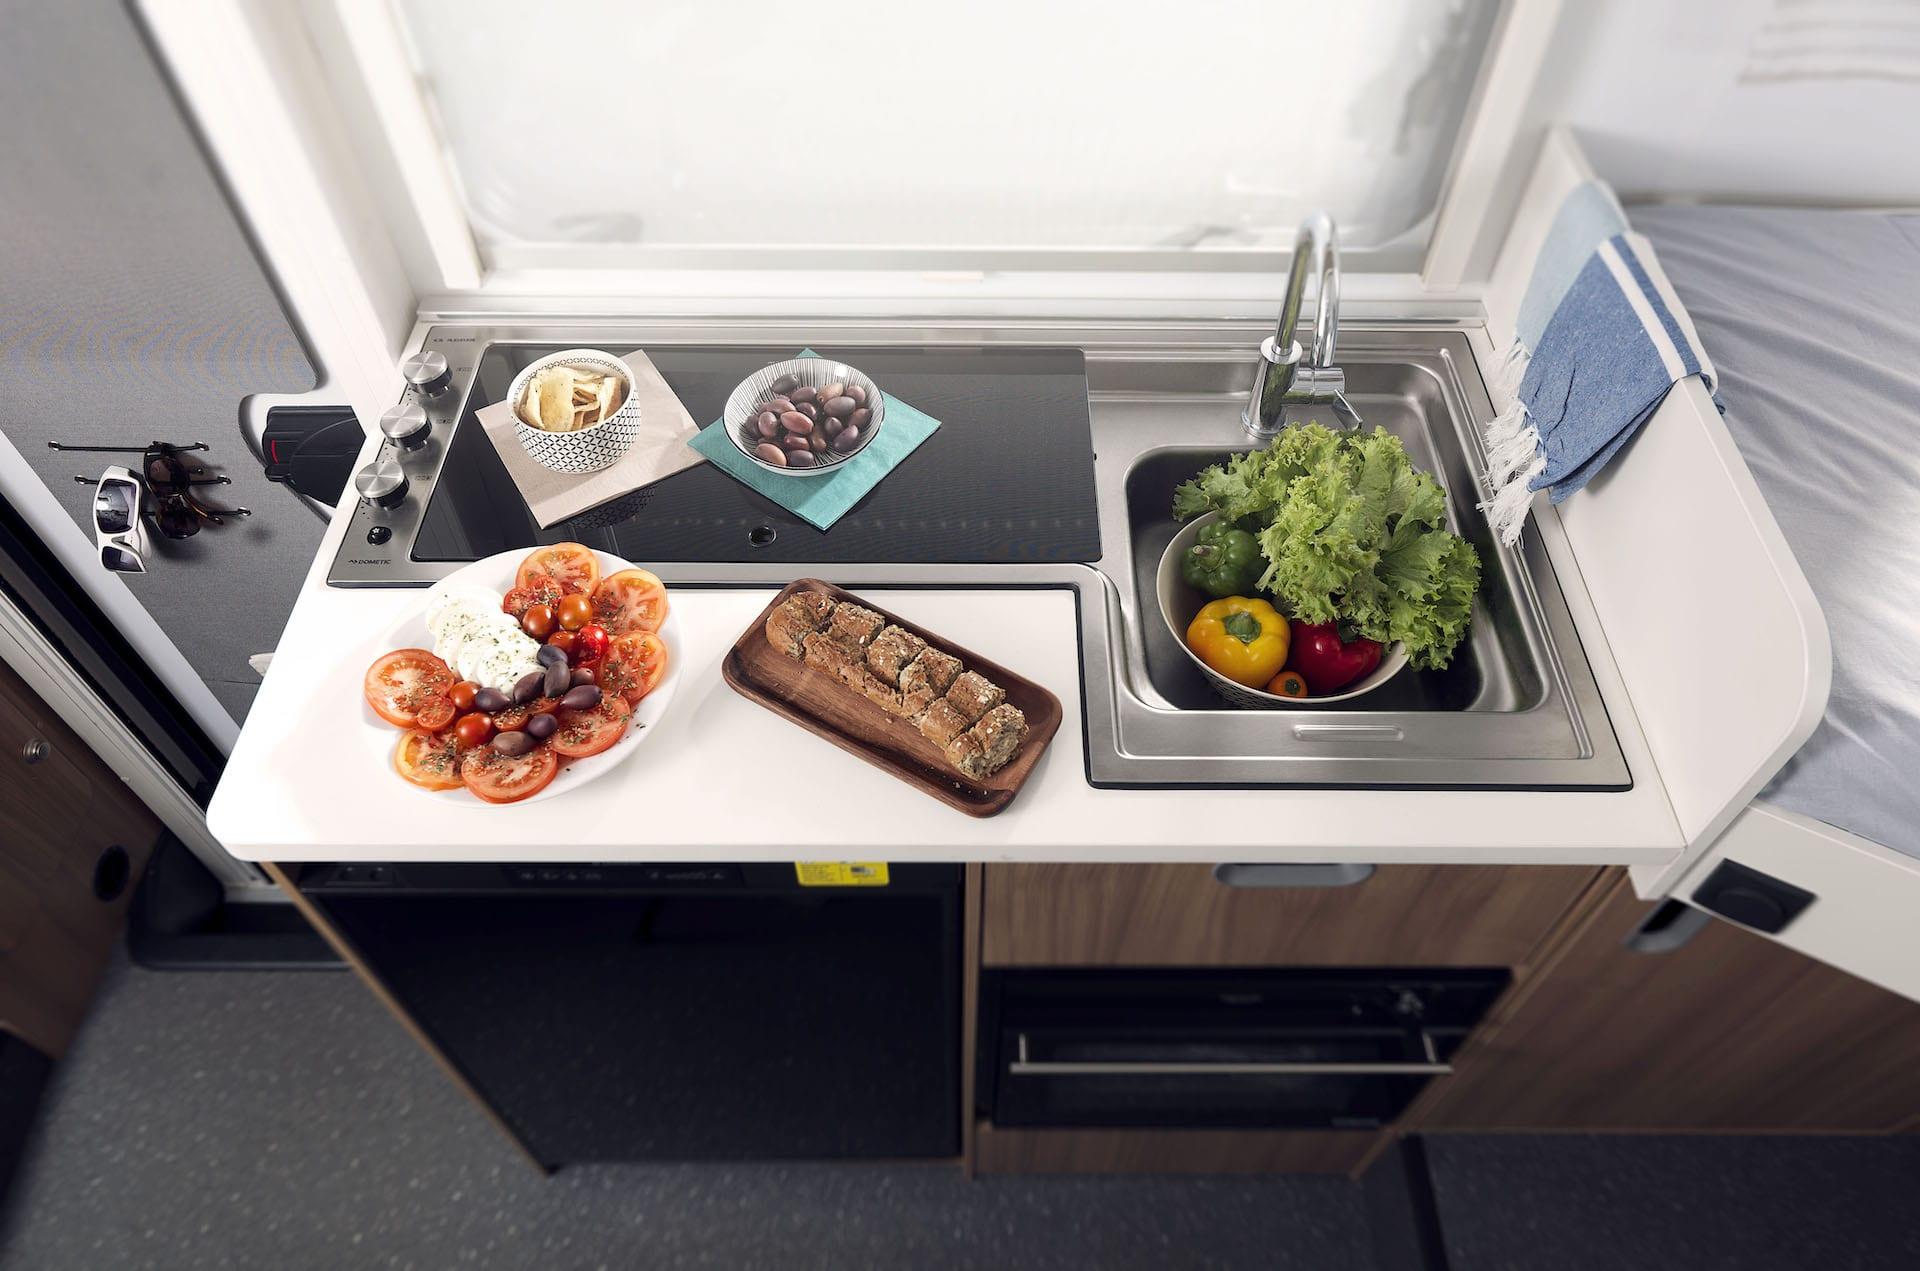 Küche in Wohnmobil